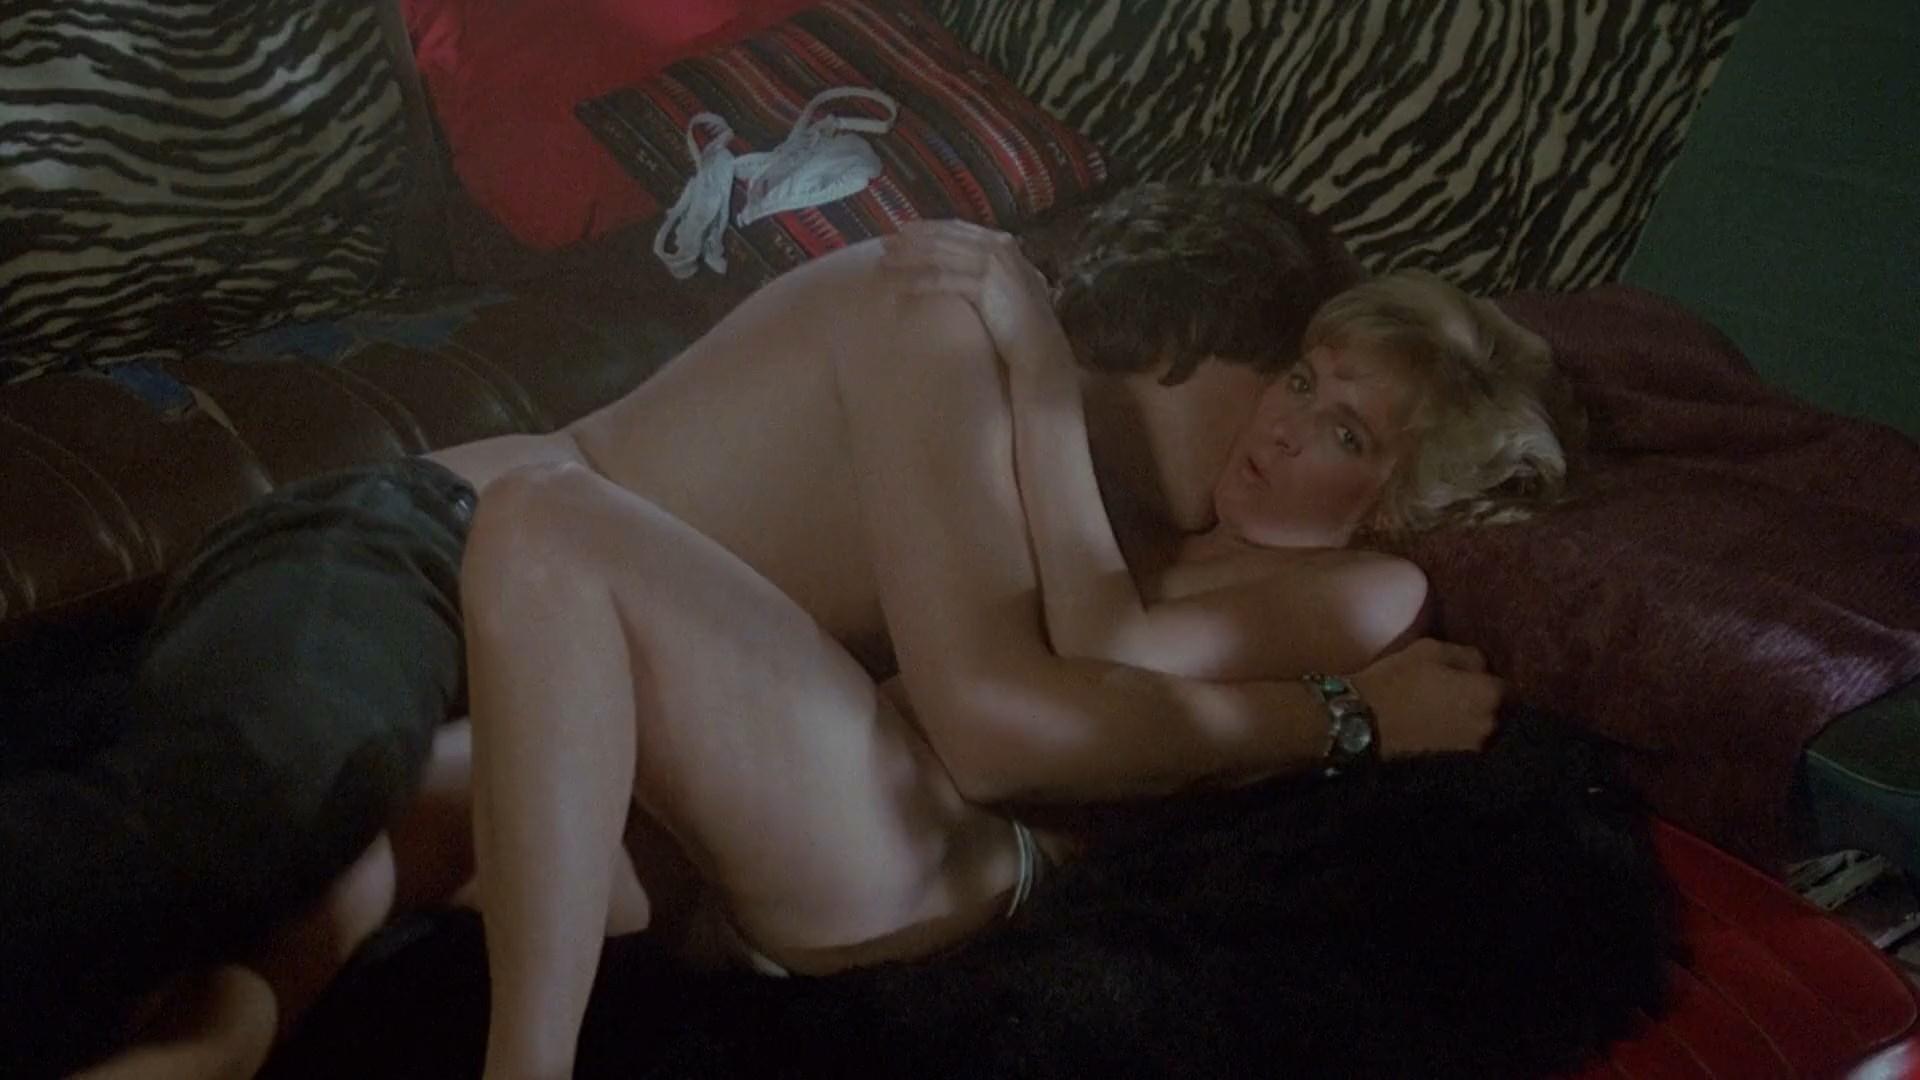 Sherilyn fenn sex scenes